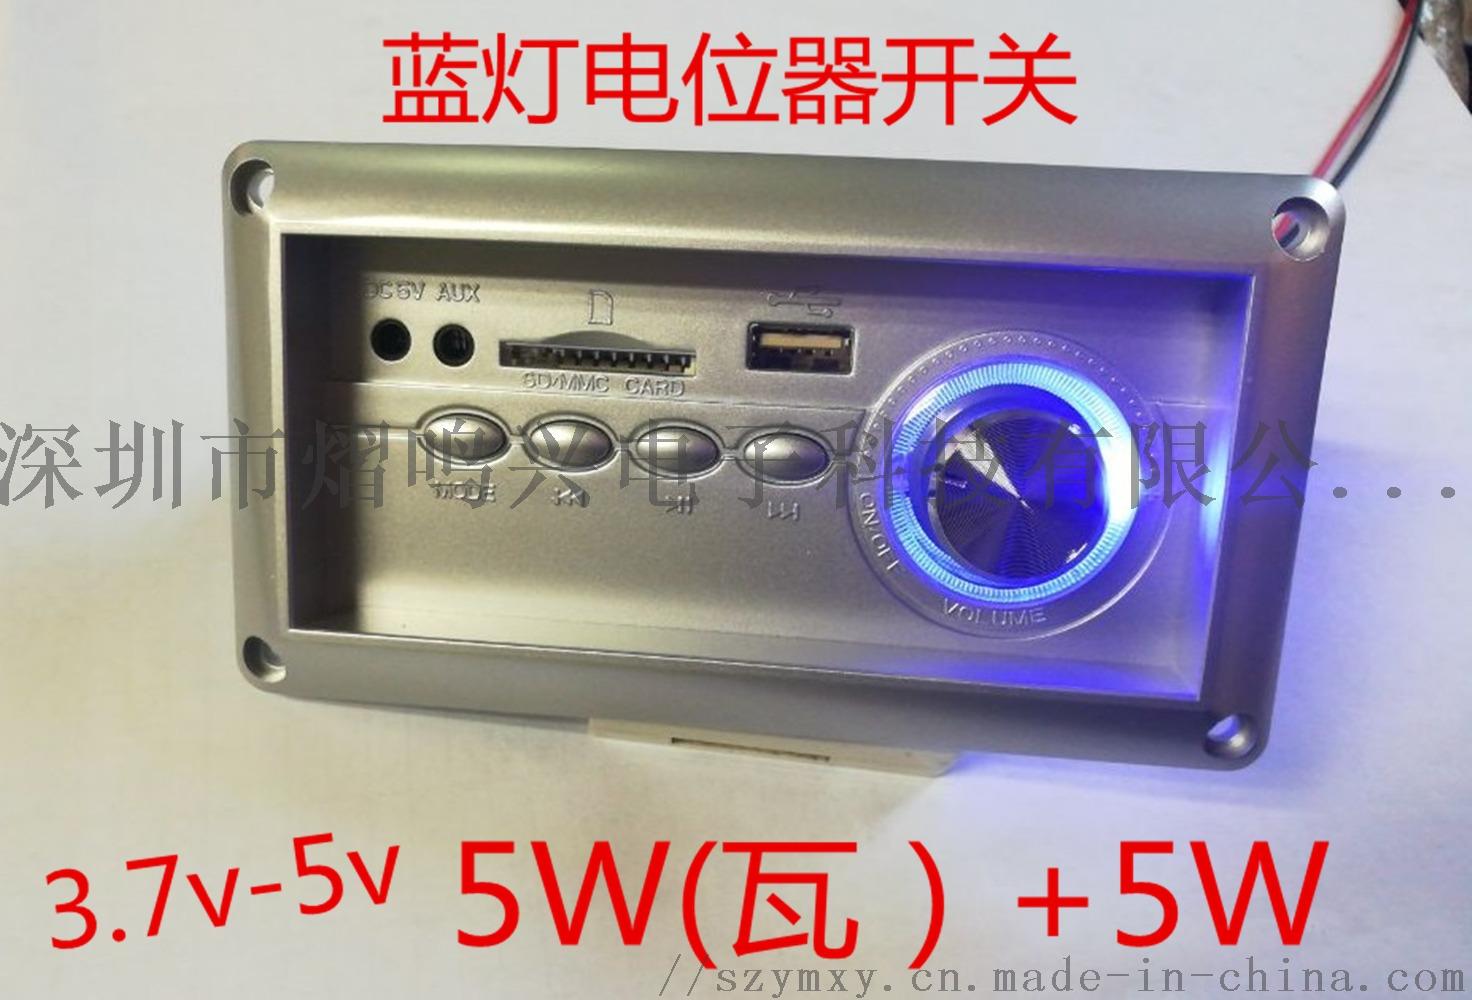 充電輸出雙USB傢俱沙發面板播放器音響配件套件藍牙牀頭櫃音響播放器智慧家方案807756485